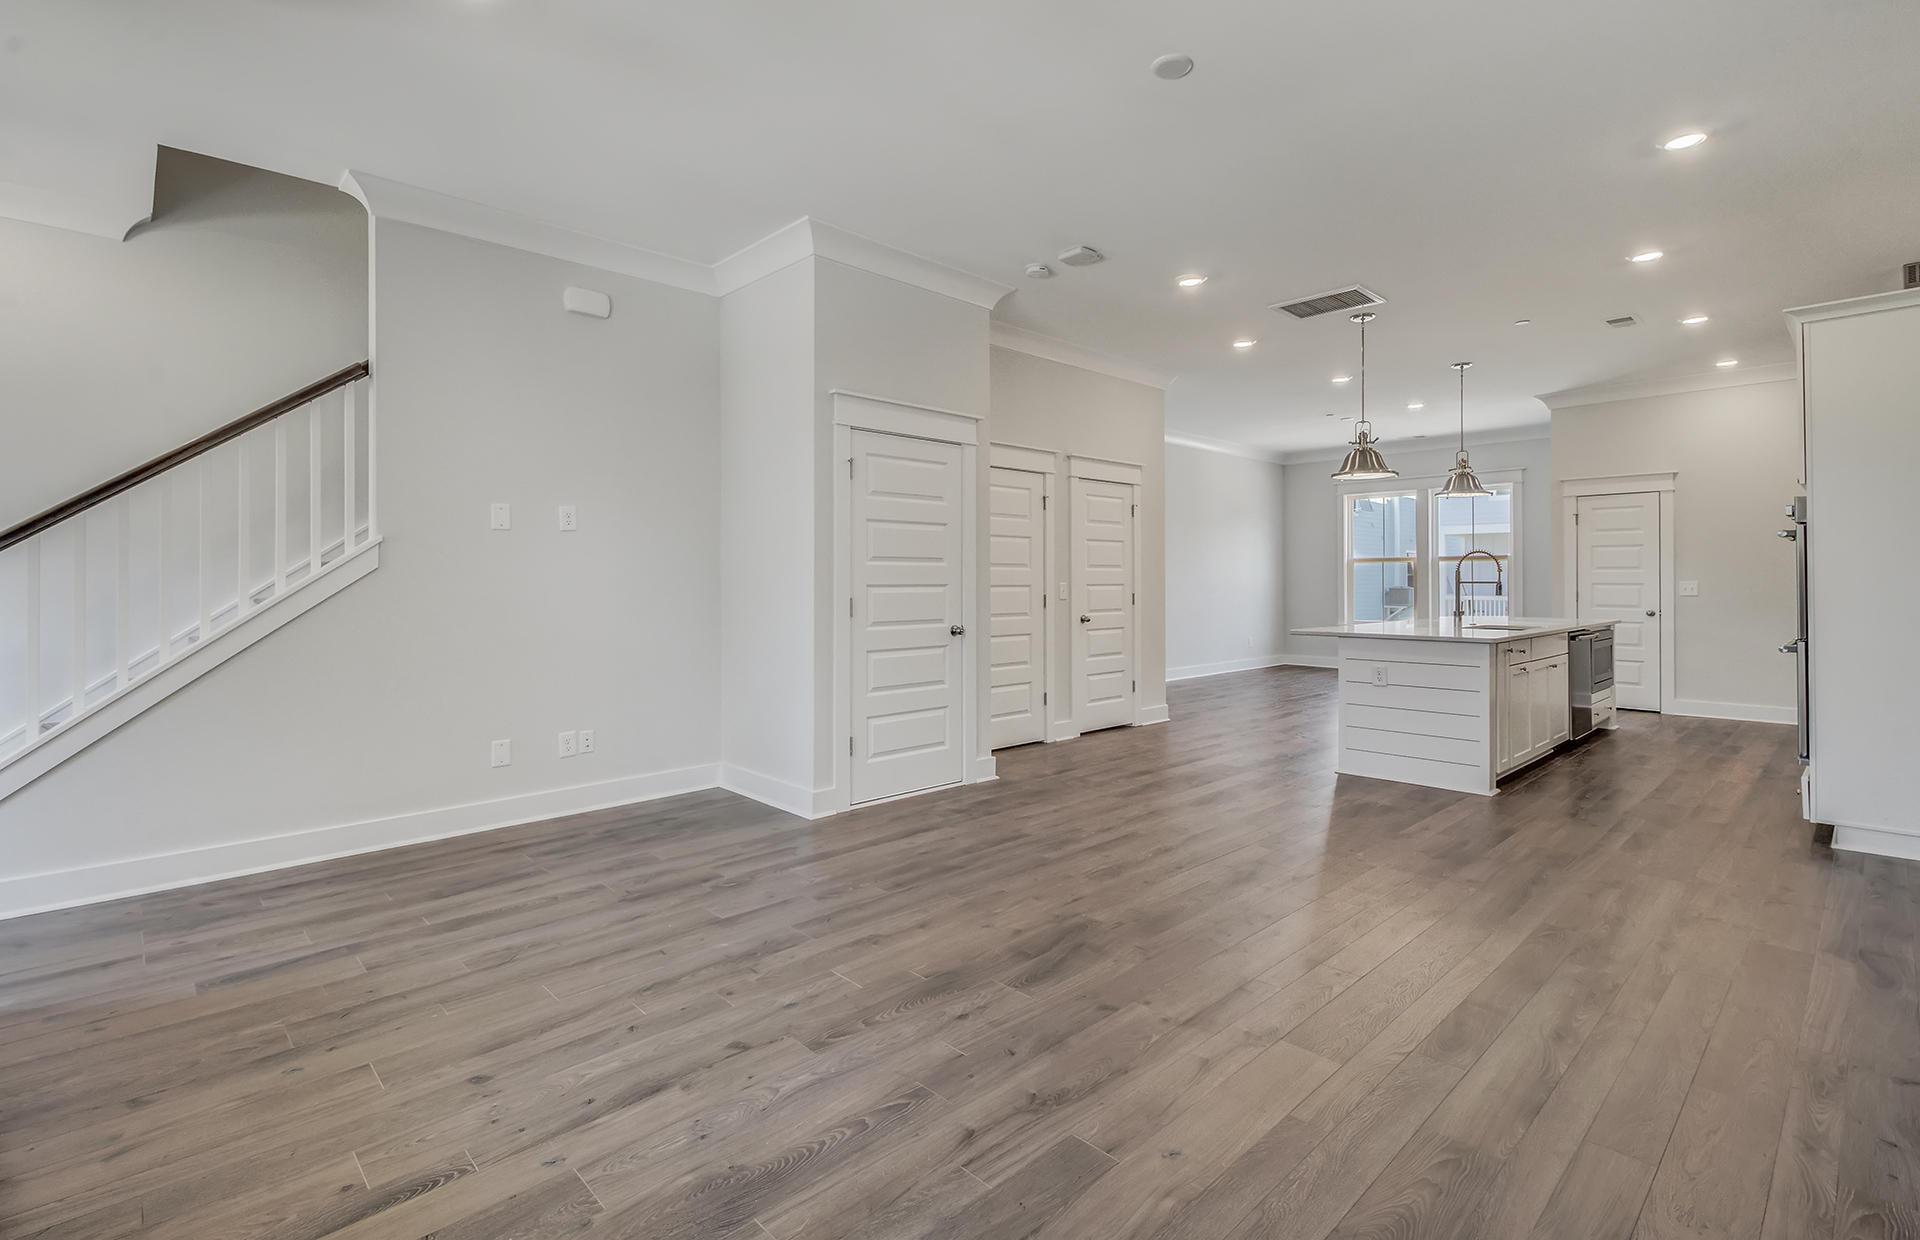 Kings Flats Homes For Sale - 110 Alder, Charleston, SC - 5